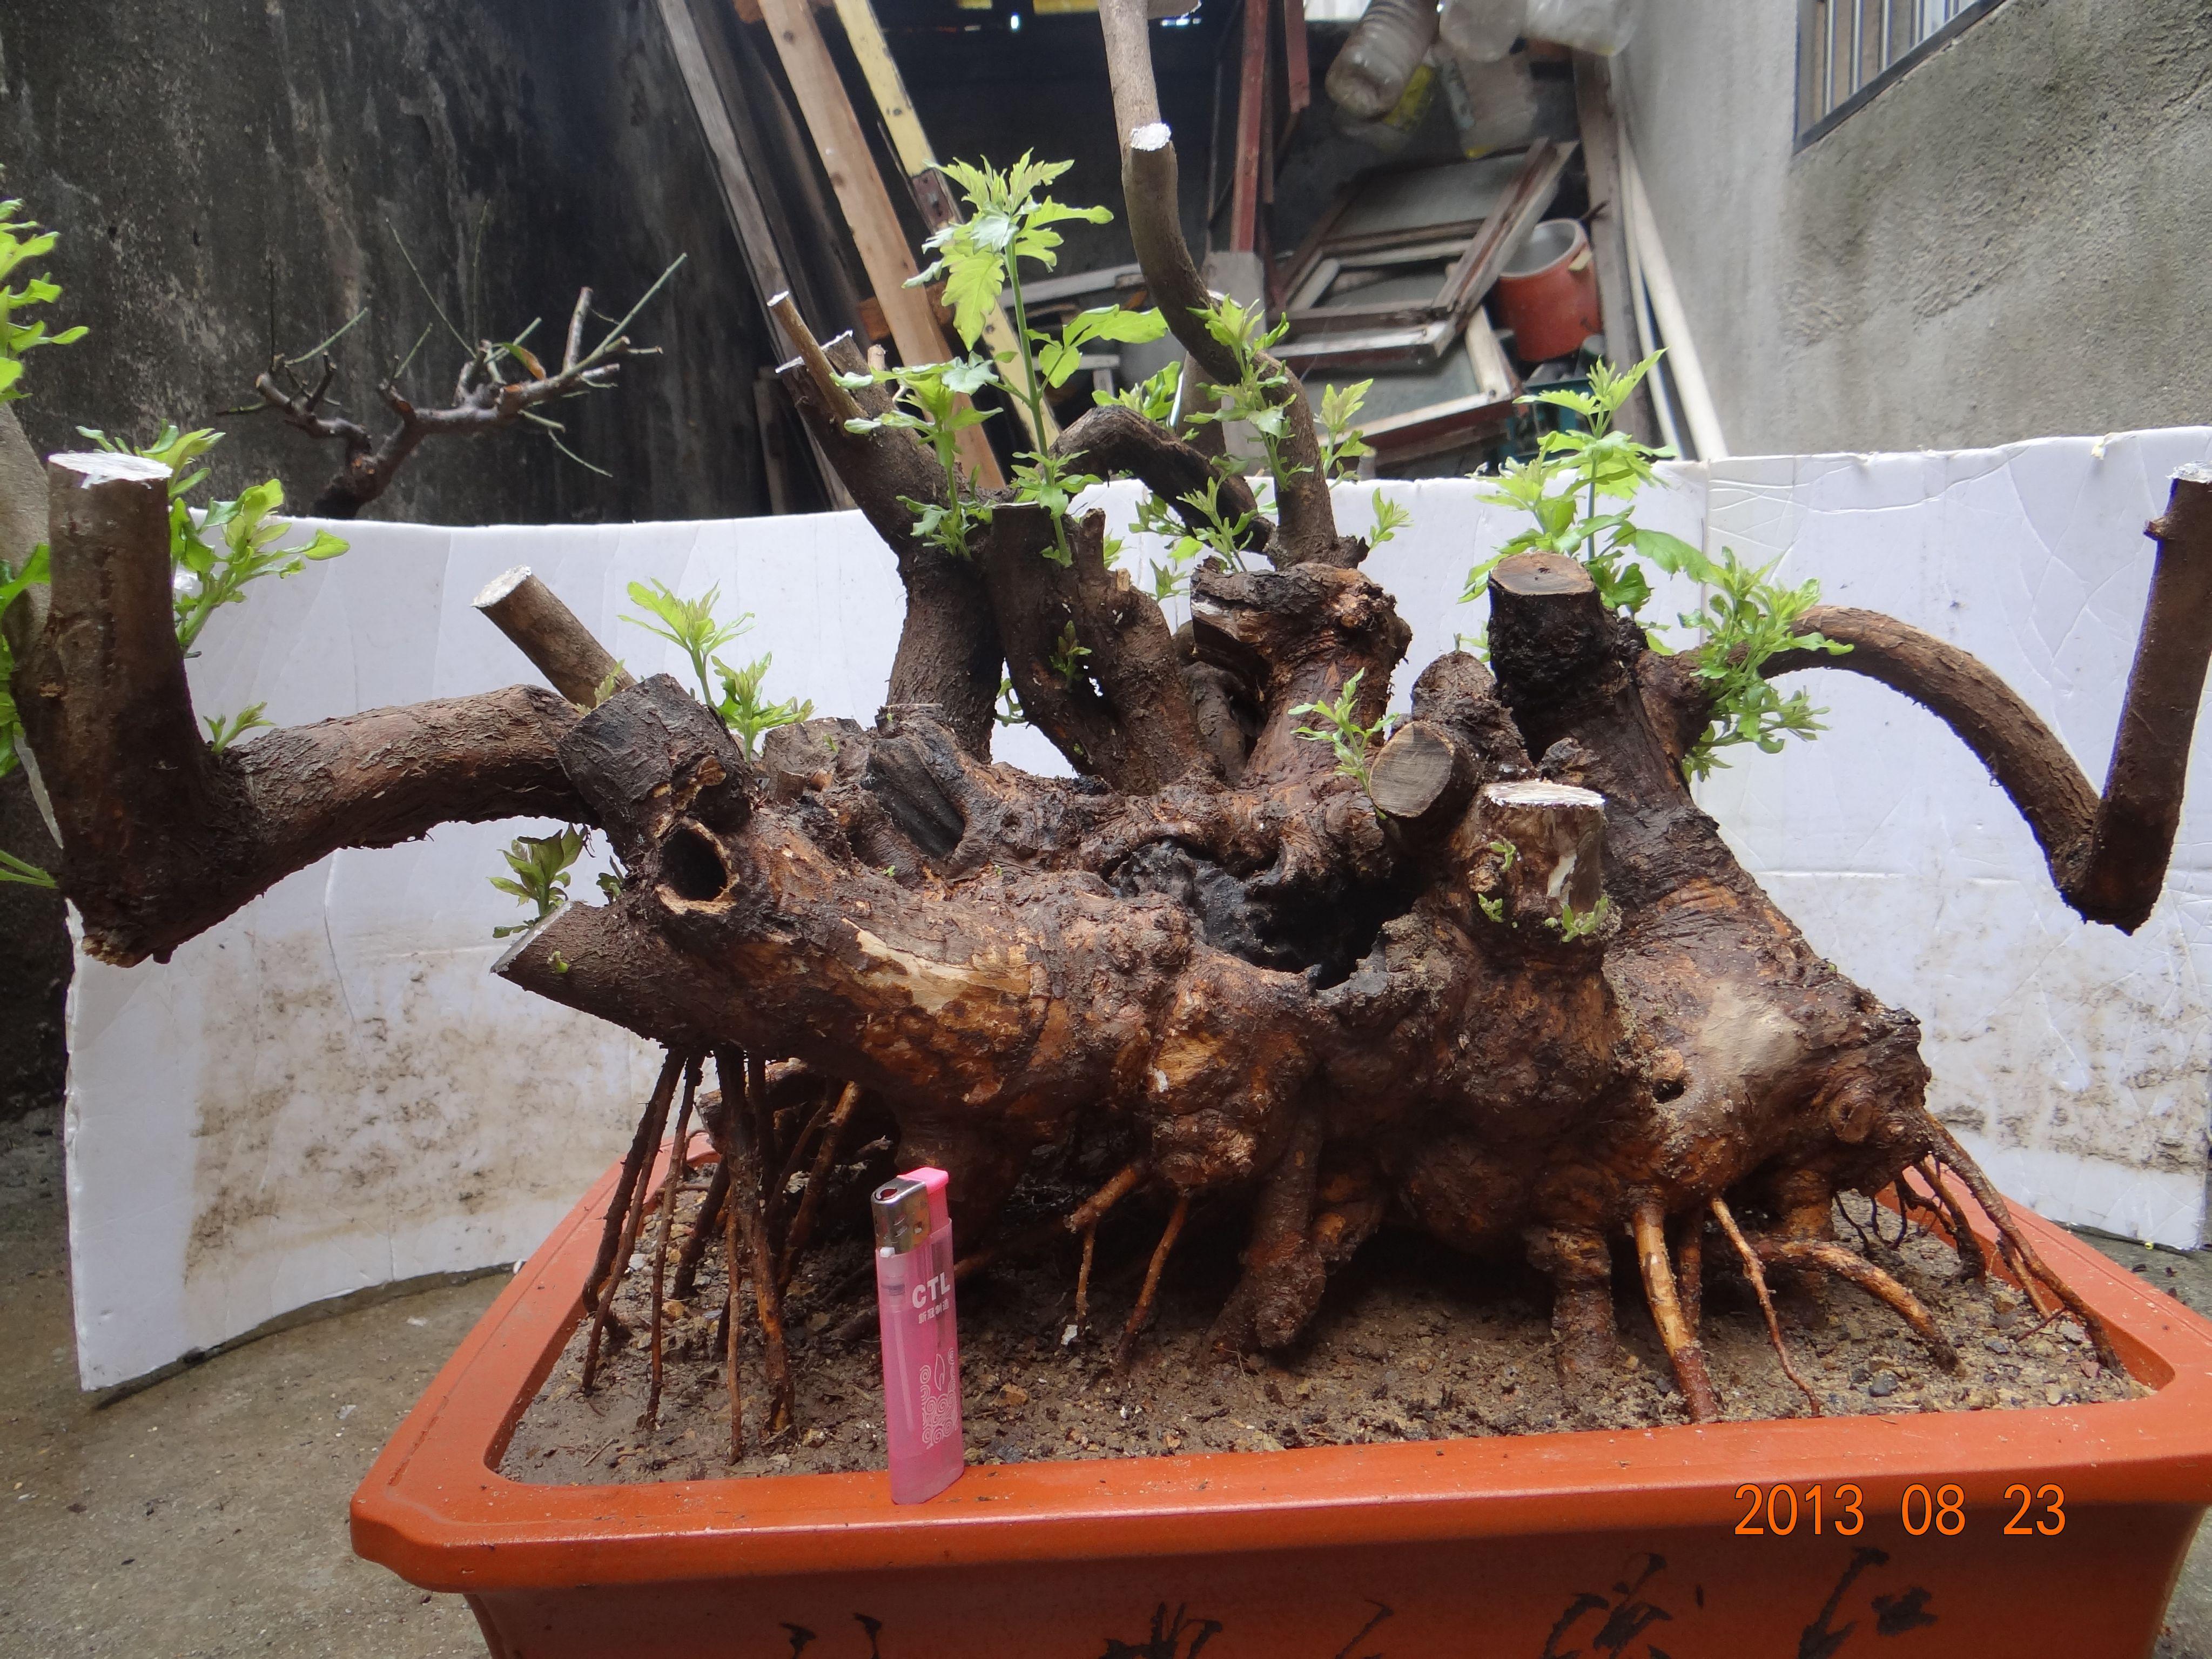 盆景 盆栽 植物 4095_3071图片